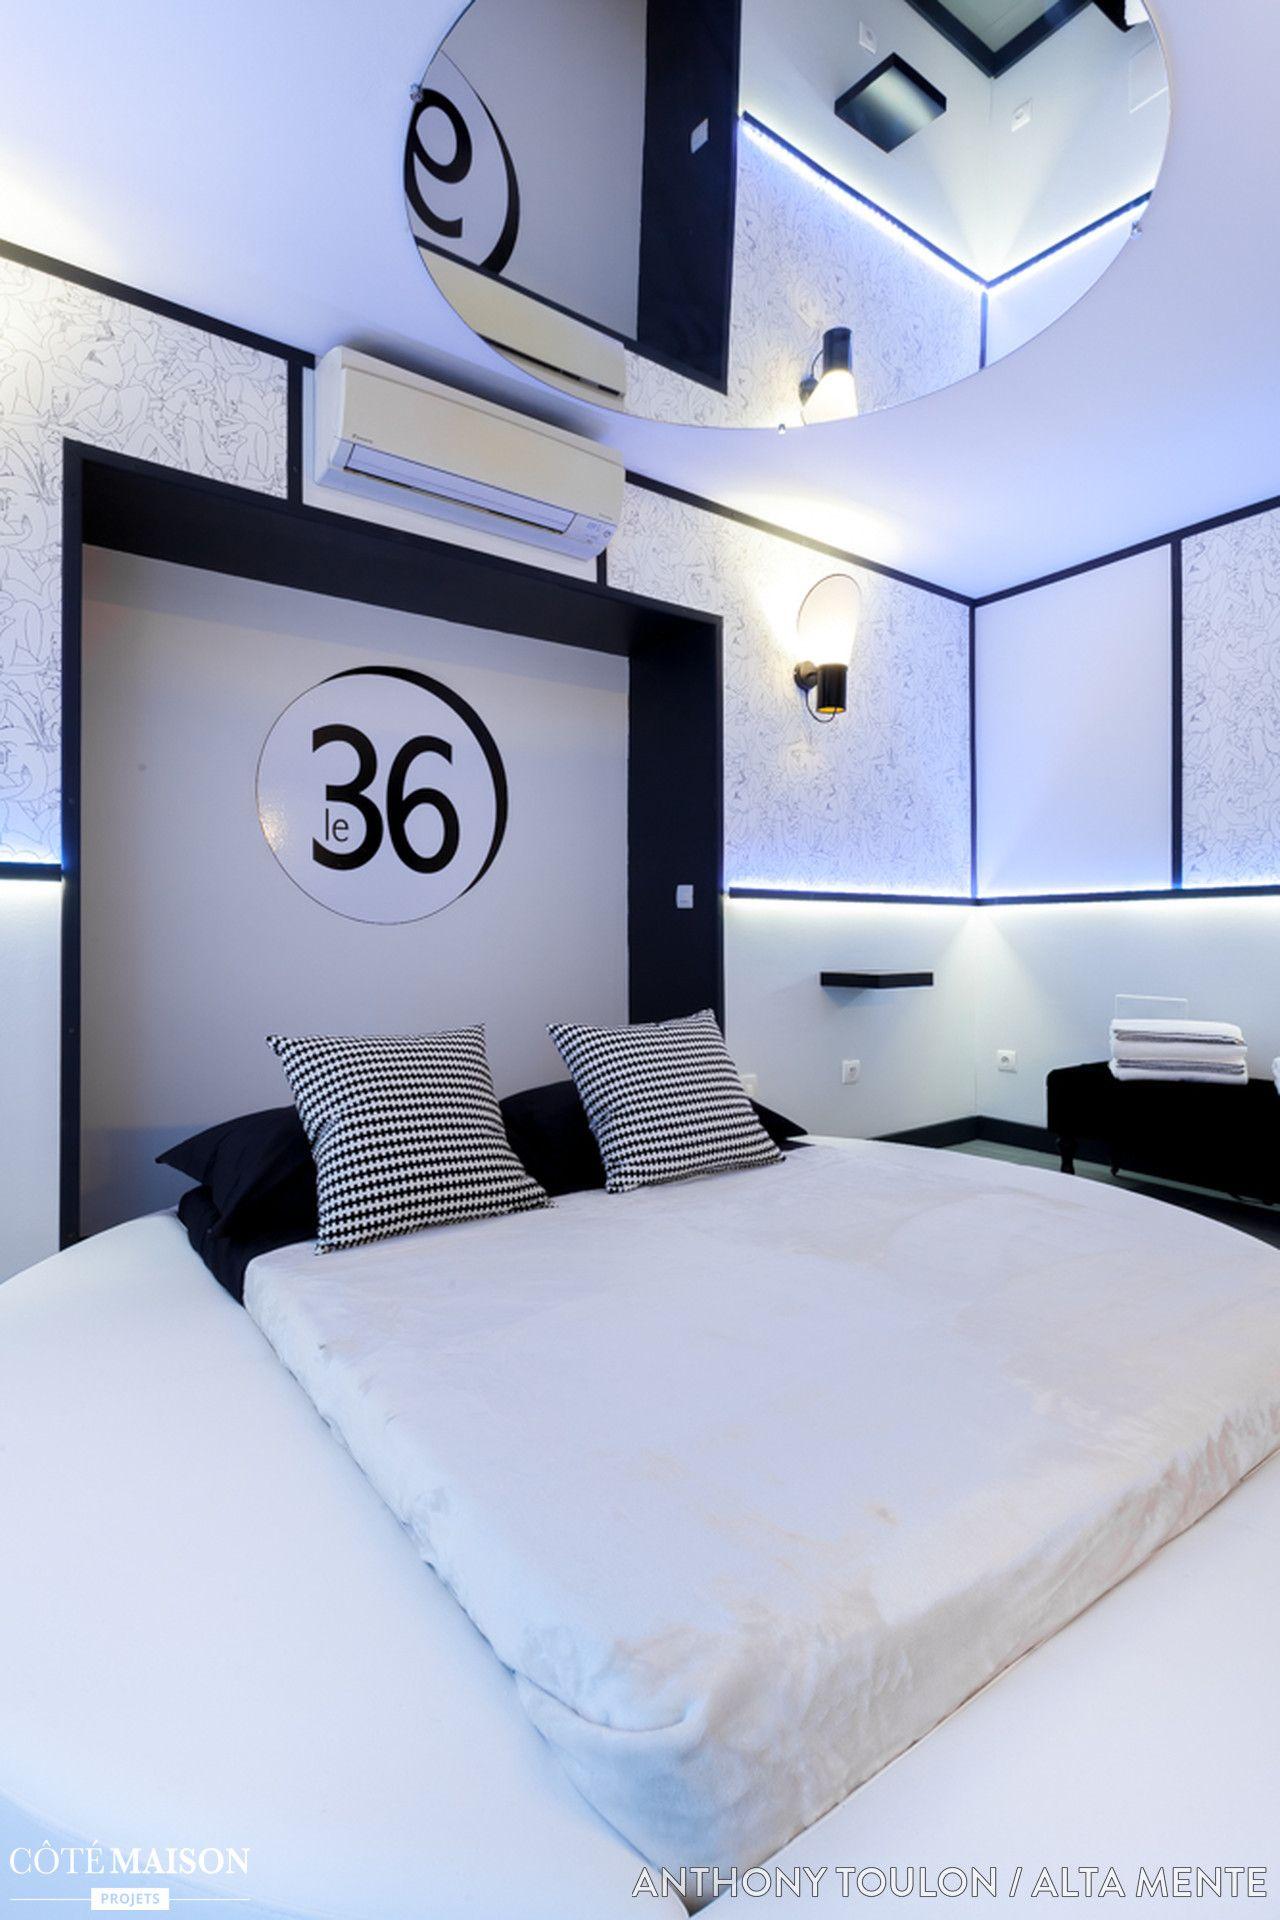 Une chambre ultra cocooning avec tapis de poils couverture en